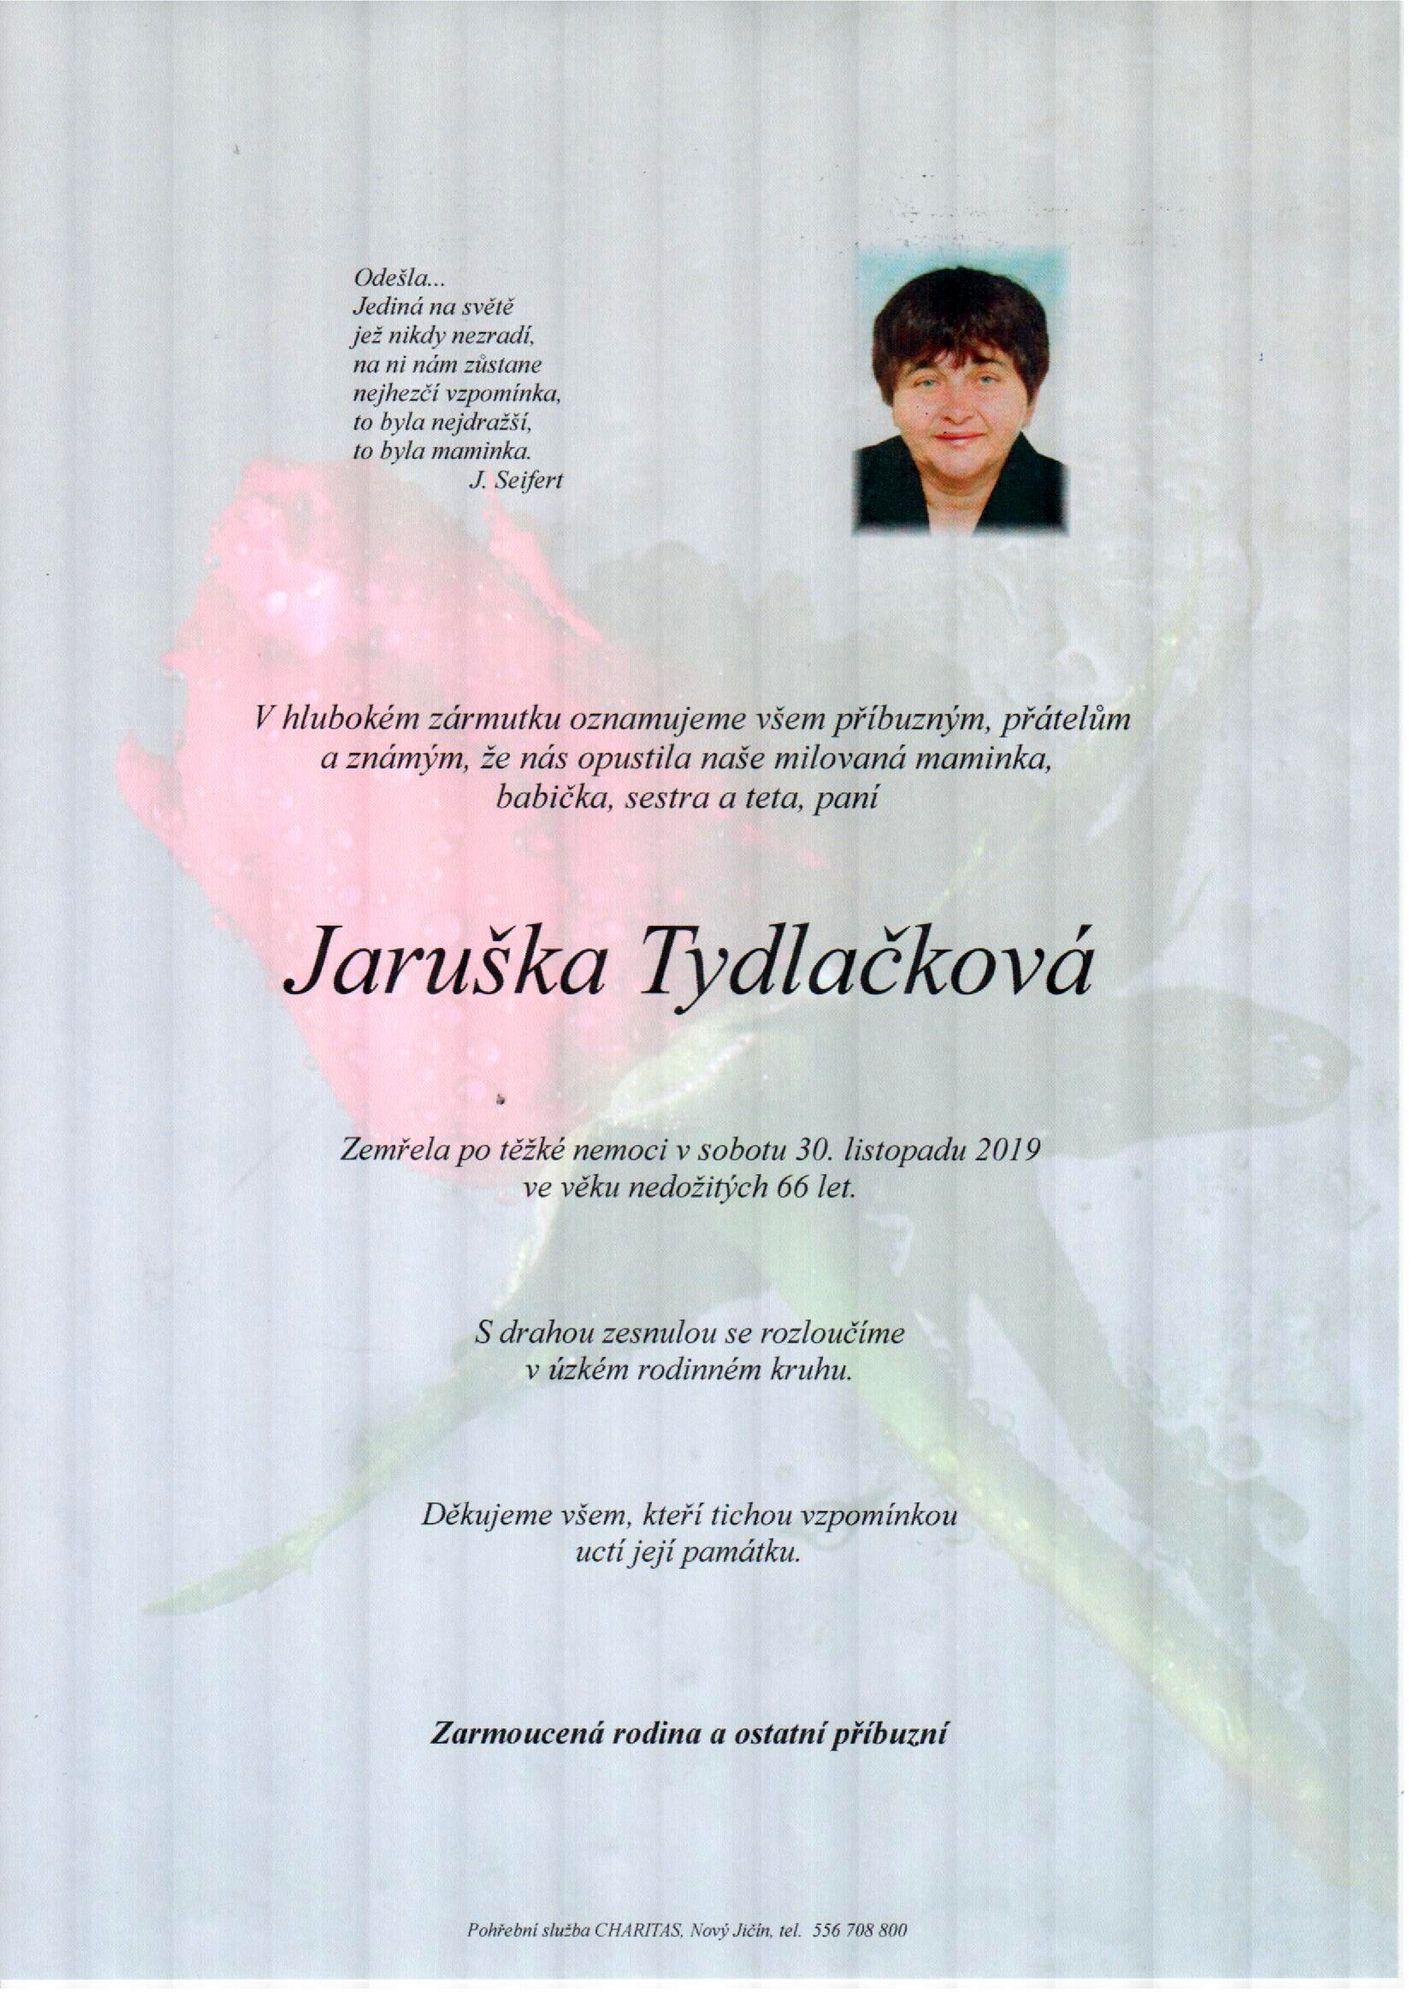 Jaruška Tydlačková